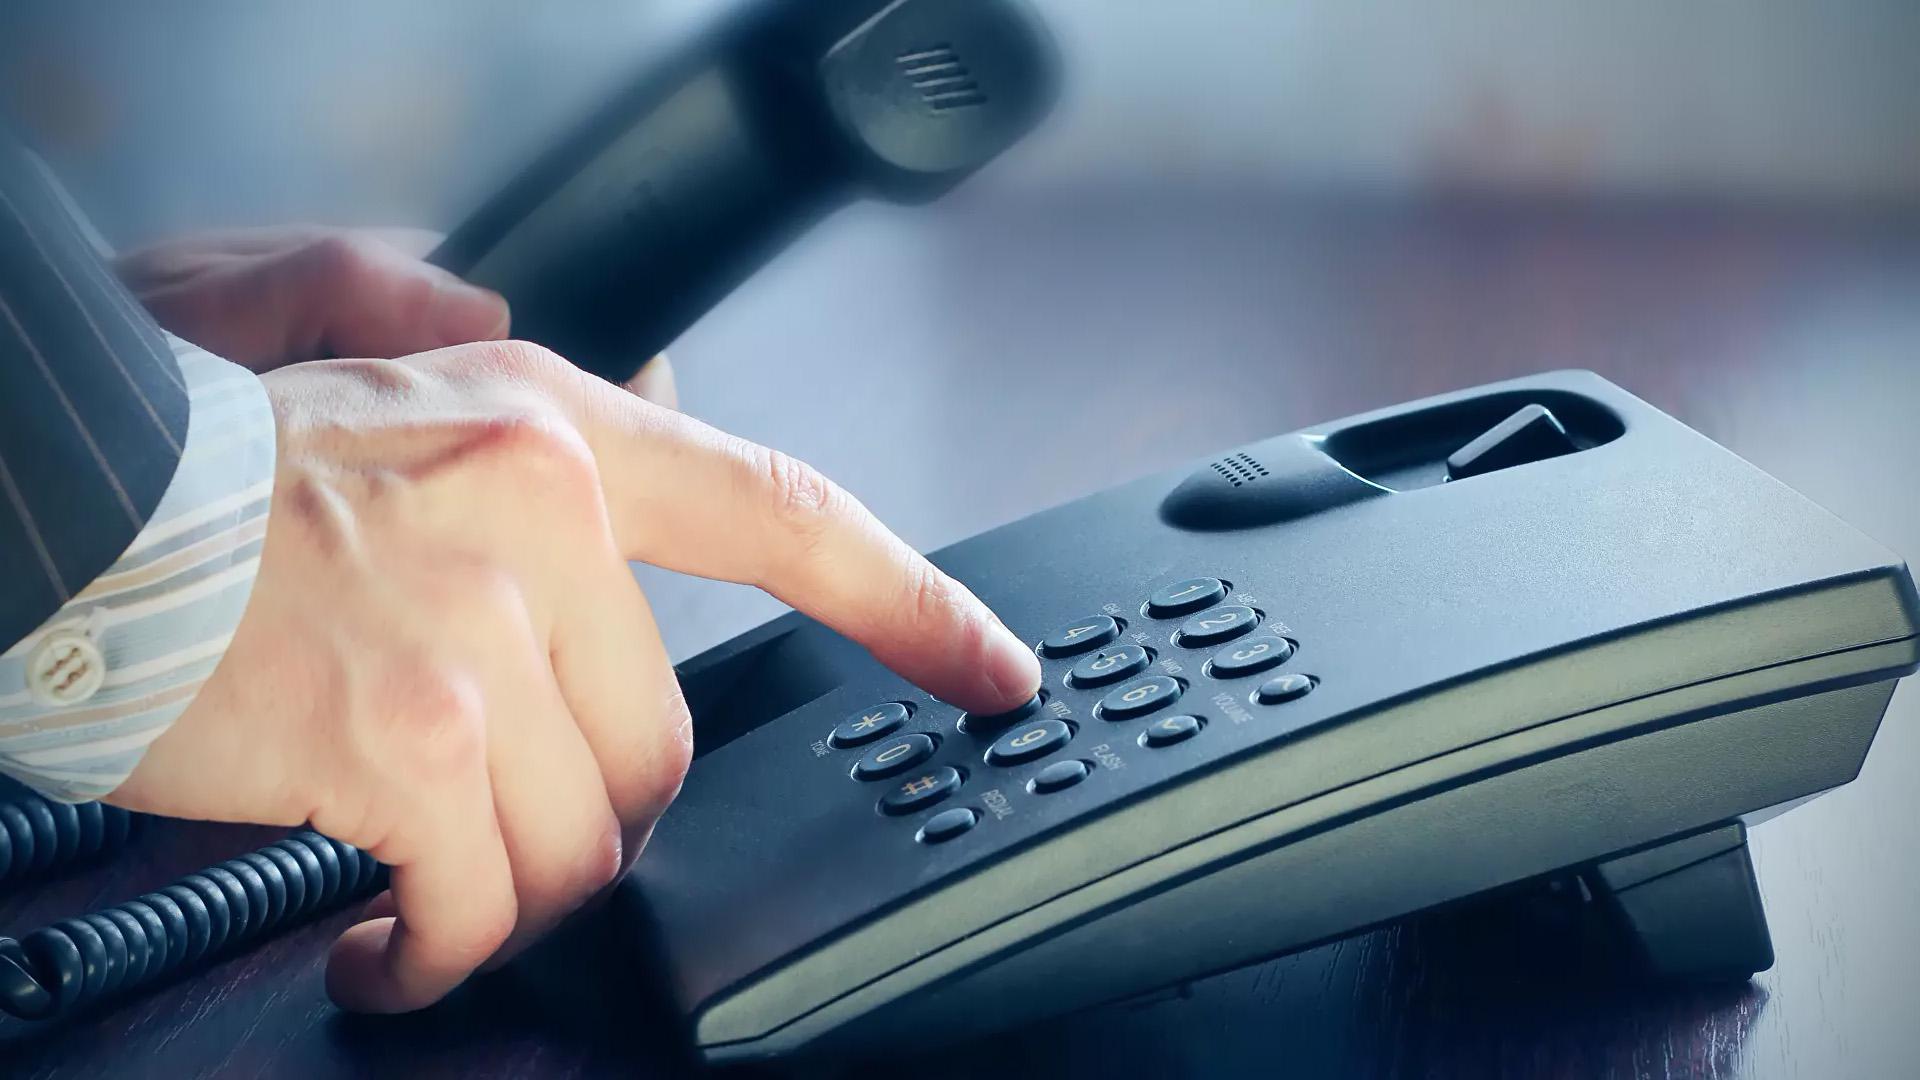 Консульство России в Нью-Йорке оставили без телефонной связи